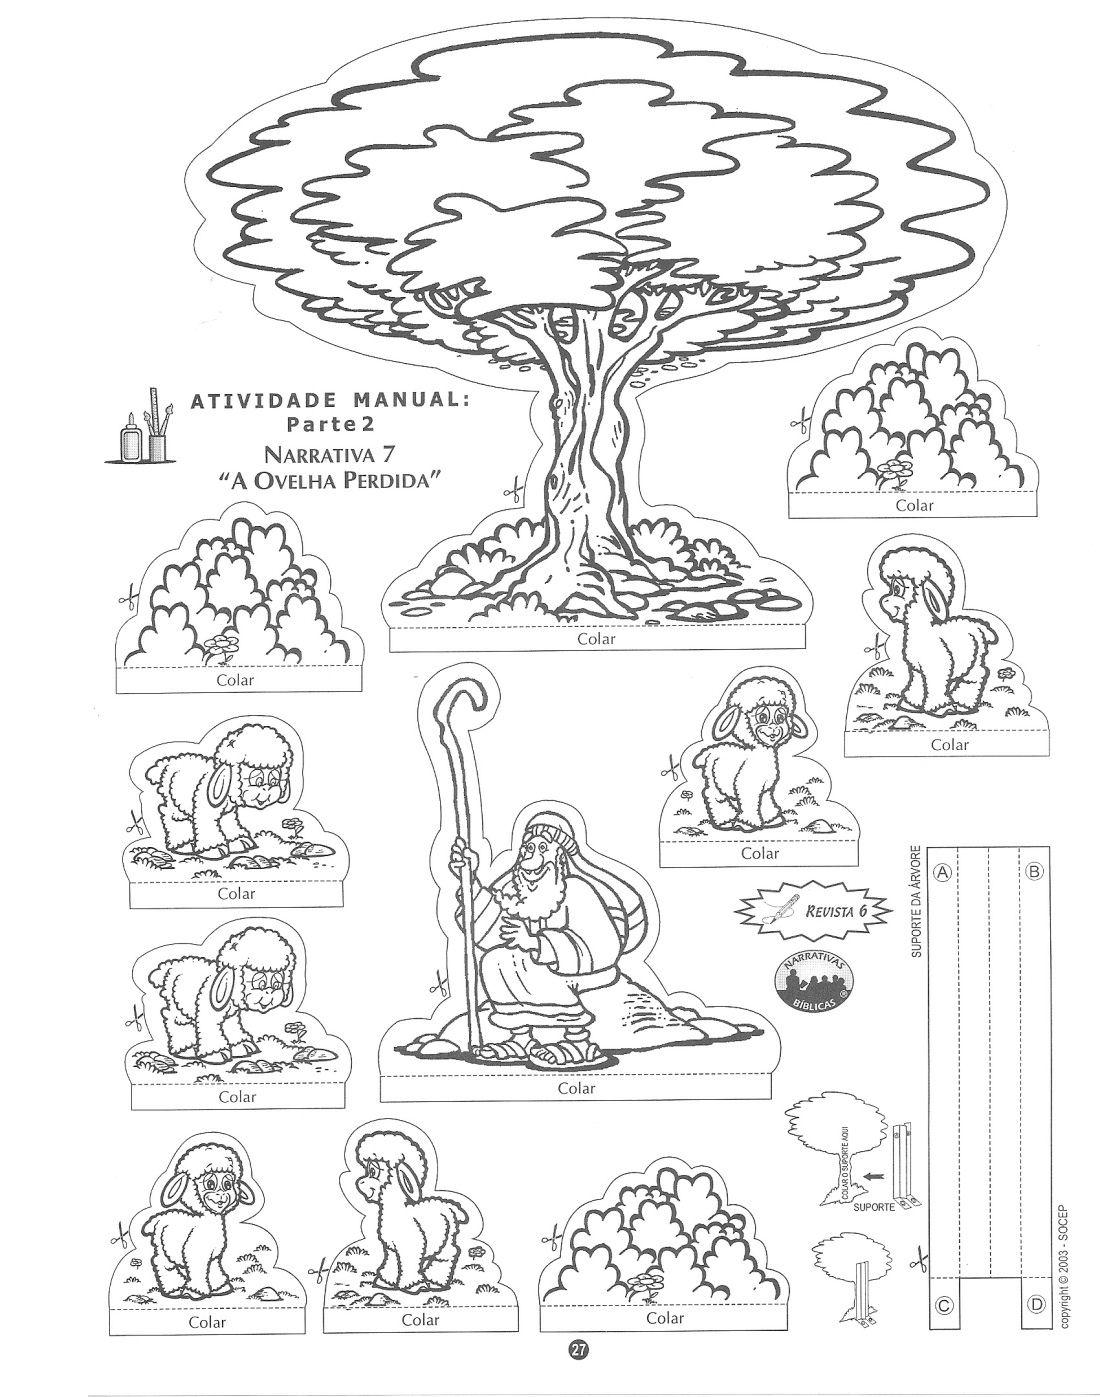 Puzzle Labyrinth Welche Schafe sind anders Wohin gehört das Schaf Sammlung 2 Programm unter Matthäus 18 12 14 siehe auch Schafe weiter unten